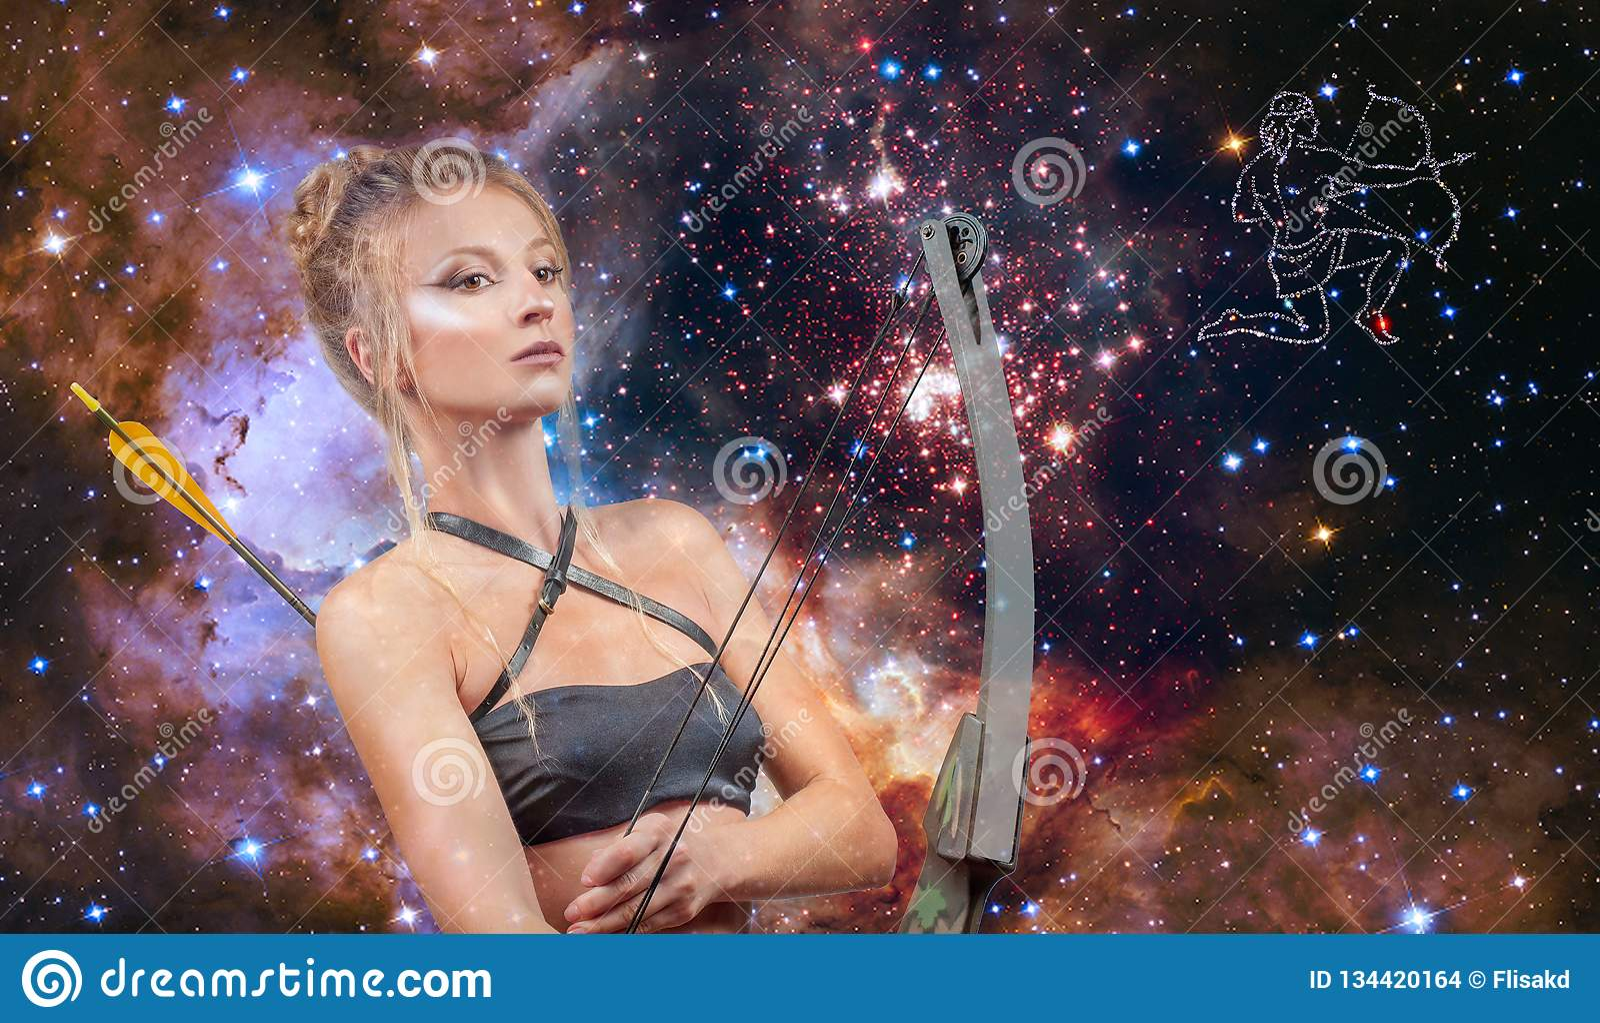 Segno dello zodiaco di Sagittario Astrologia e oroscopo, bello Sagittario della donna sui precedenti della galassia